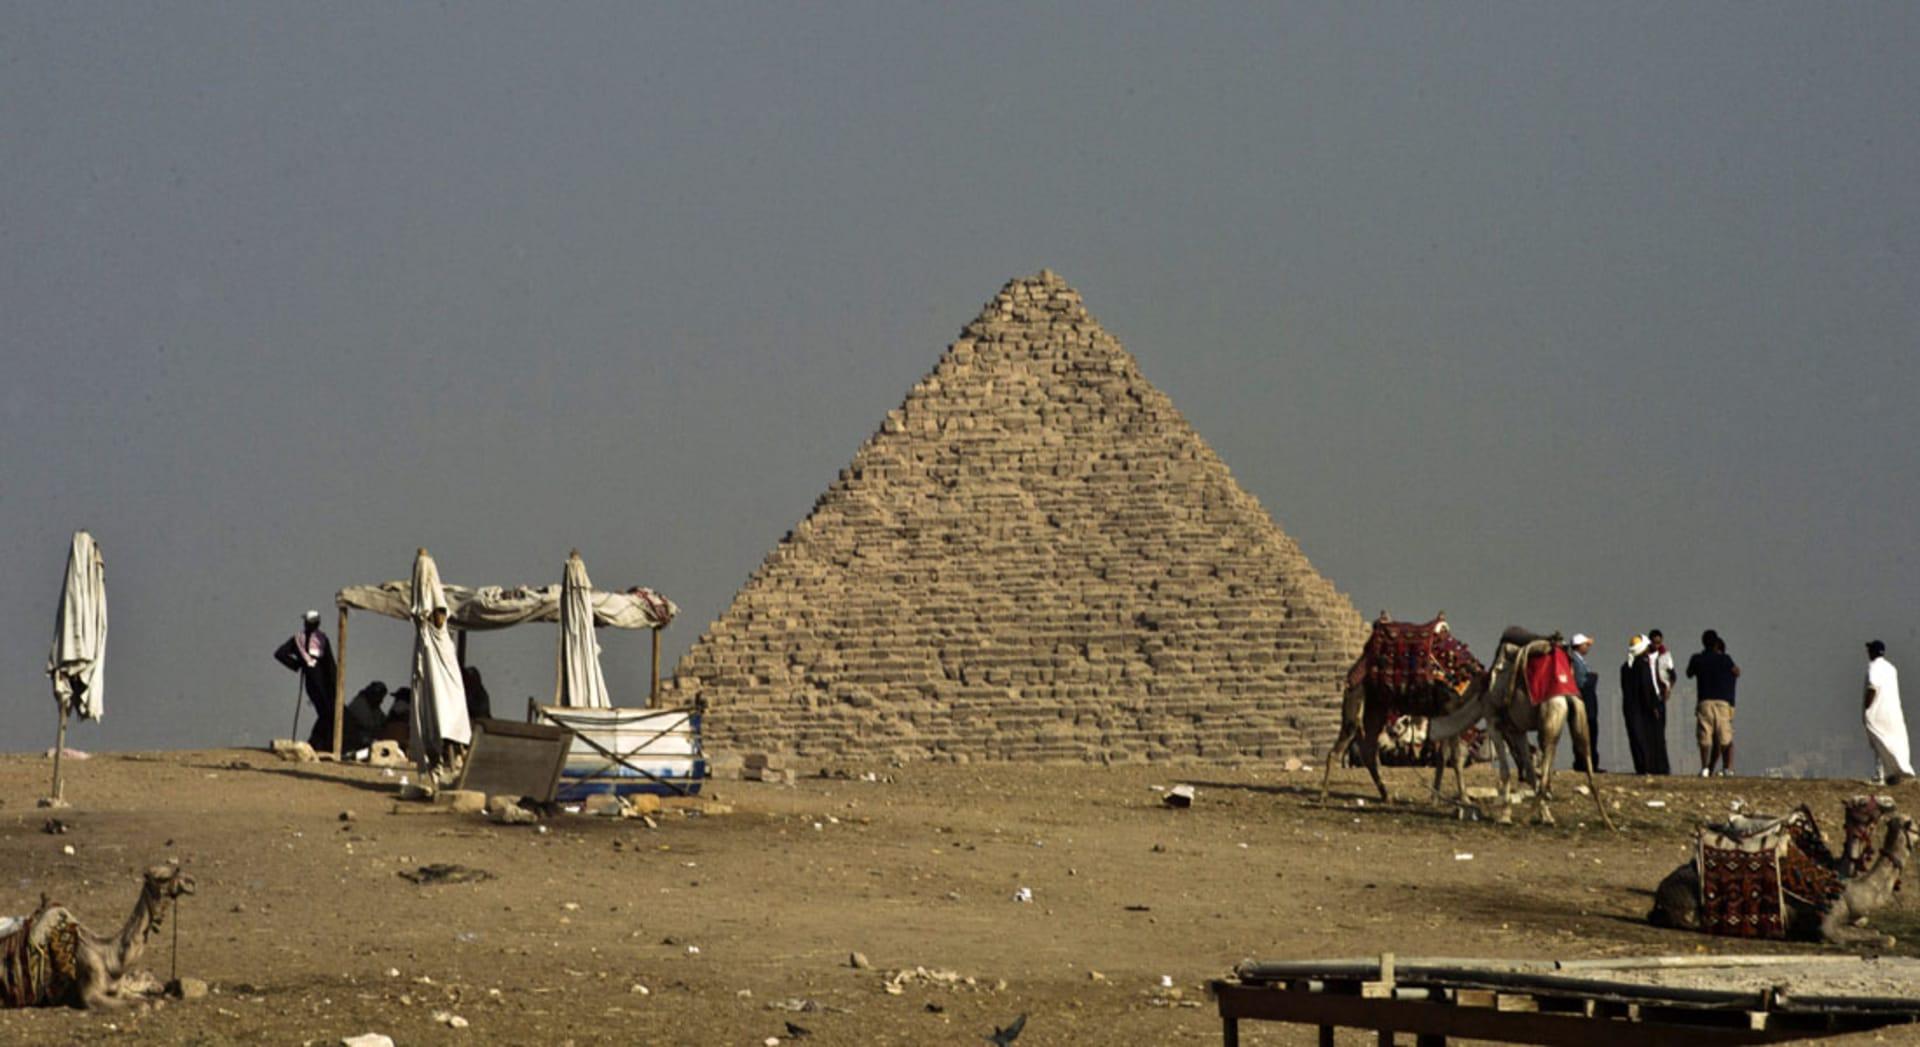 اكتشاف قبر صانع الجعة لآلهة الموتى بمصر